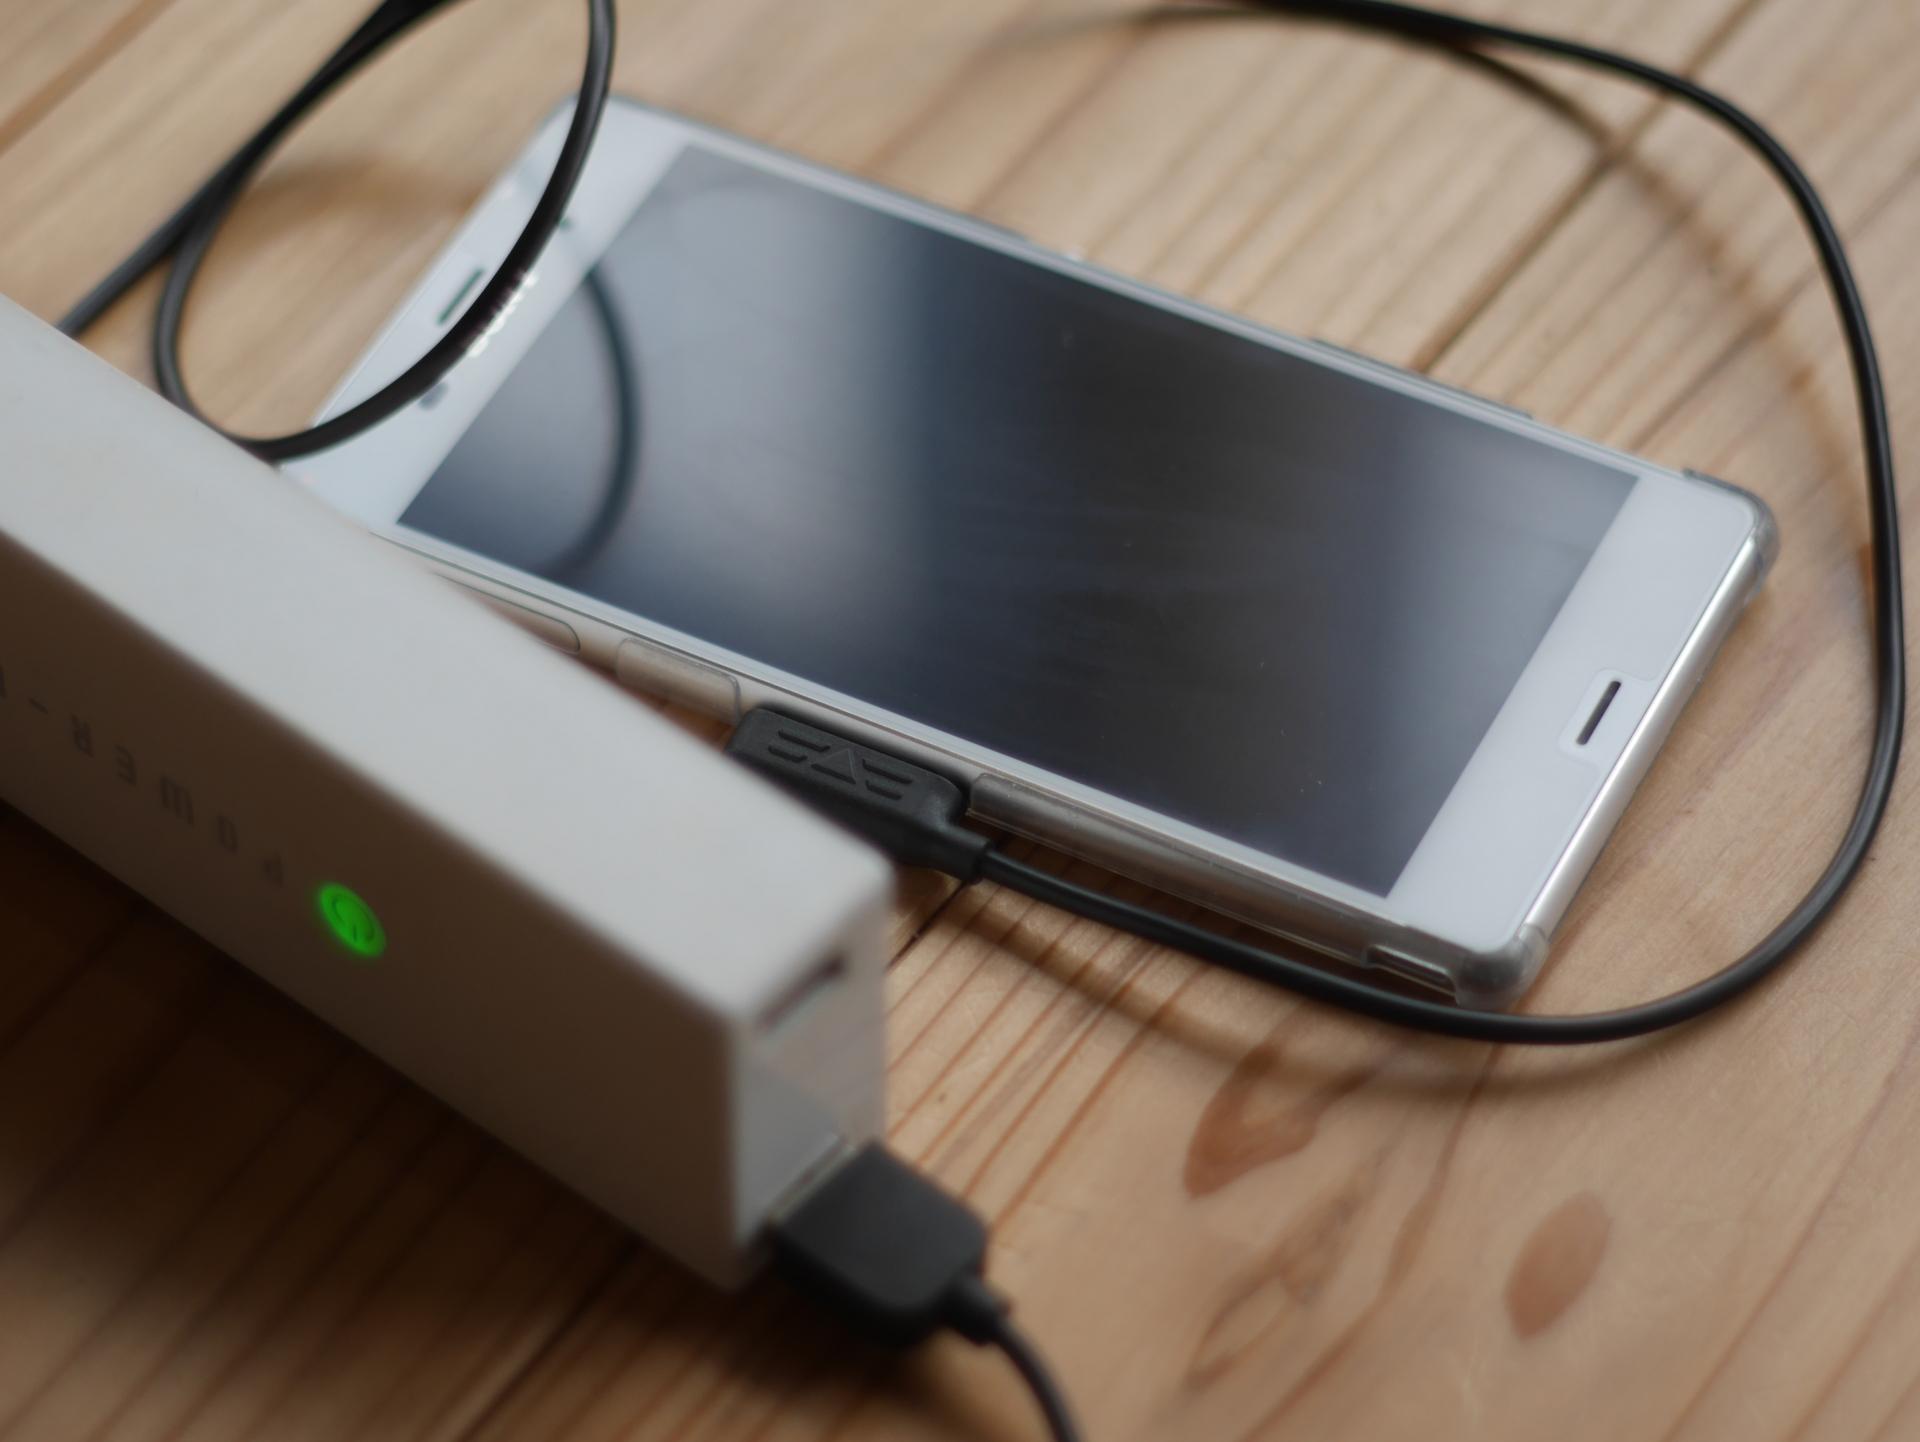 遅い 携帯 充電